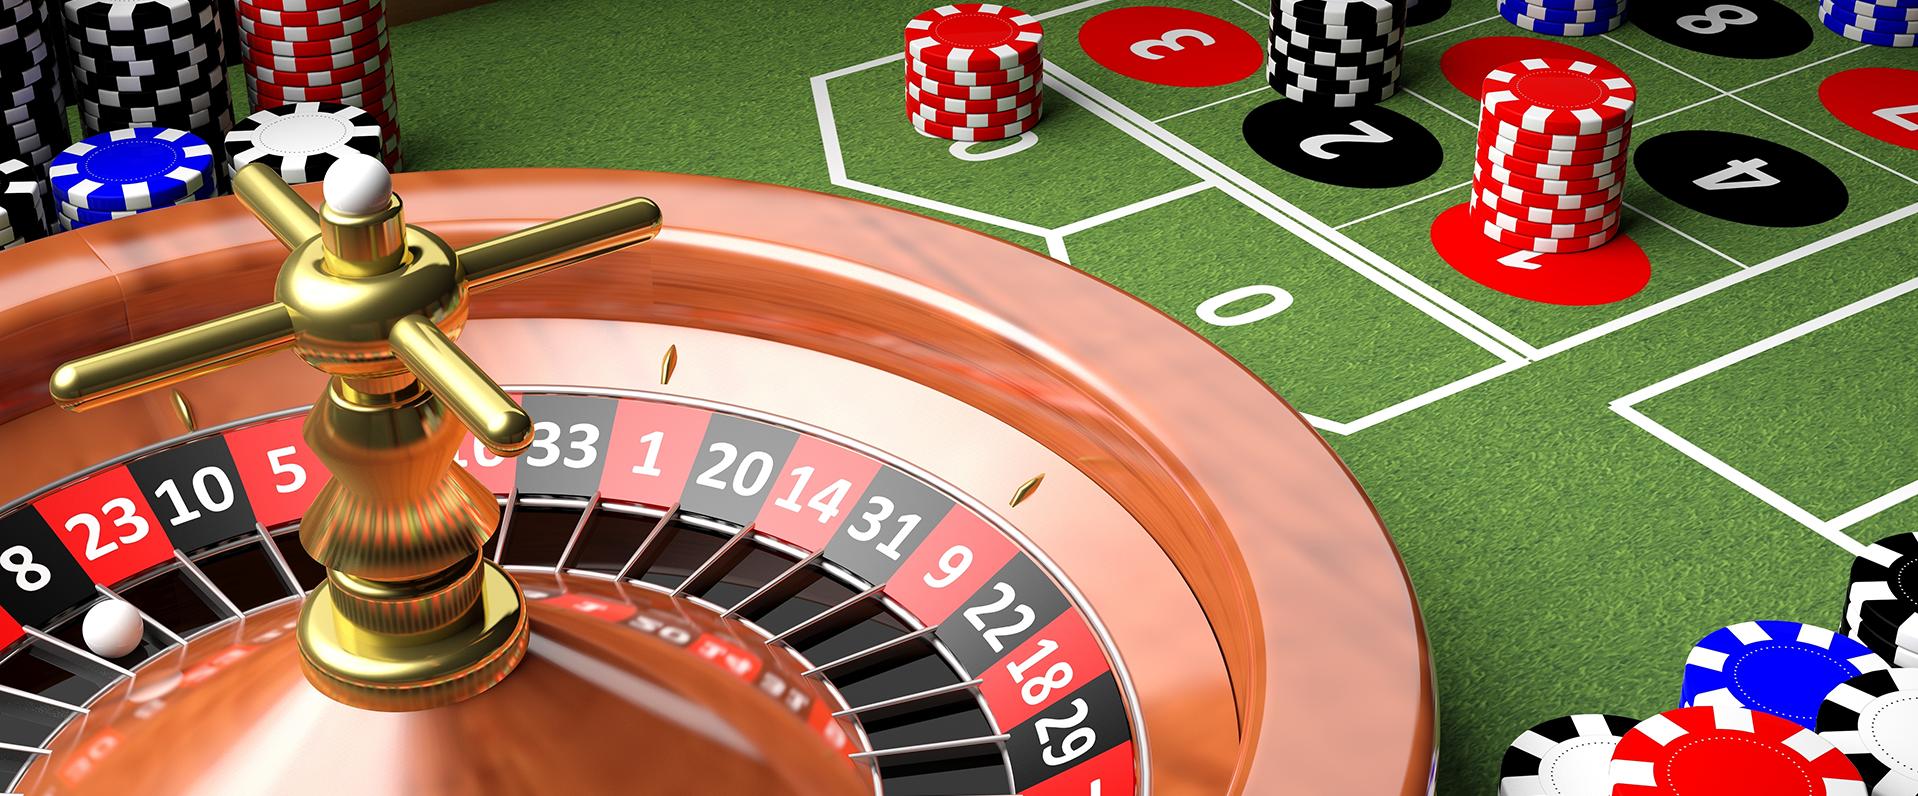 10 mẹo hàng đầu để đánh bại các chiến thuật tại sòng bạc (P3) | casino online